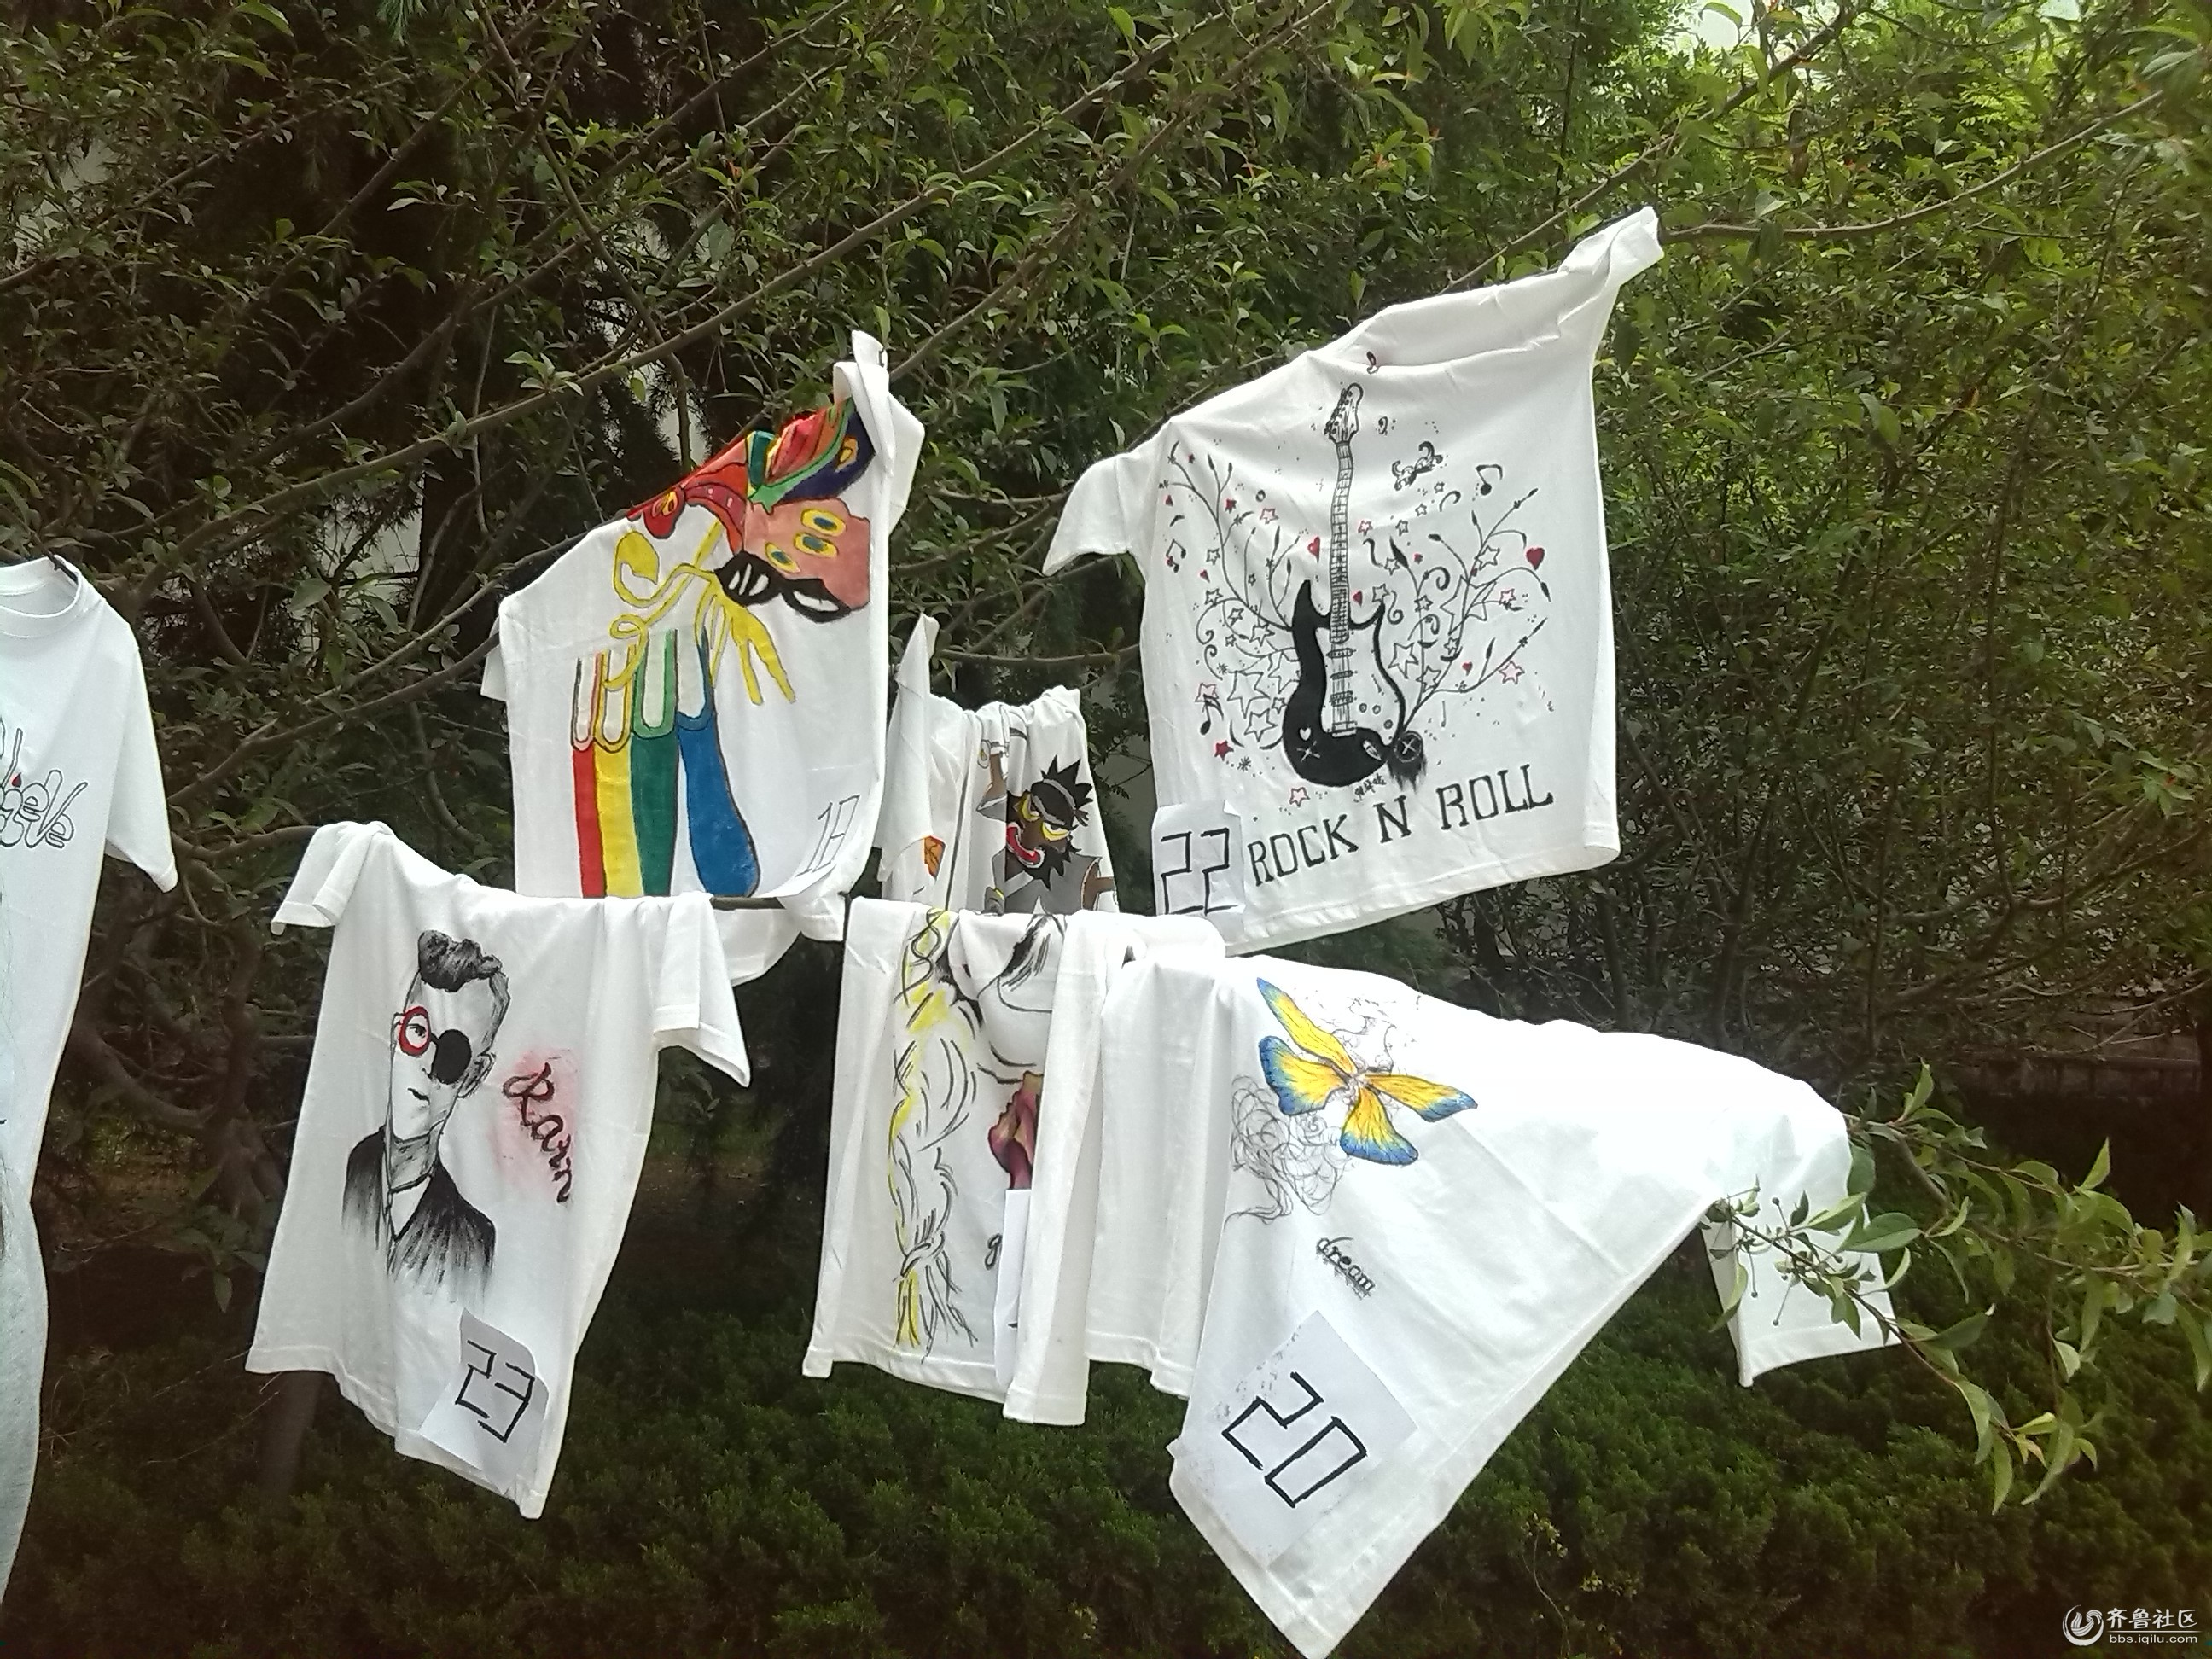 手绘t恤 - 校园拍客 - 齐鲁社区 - 山东最大的城市,台